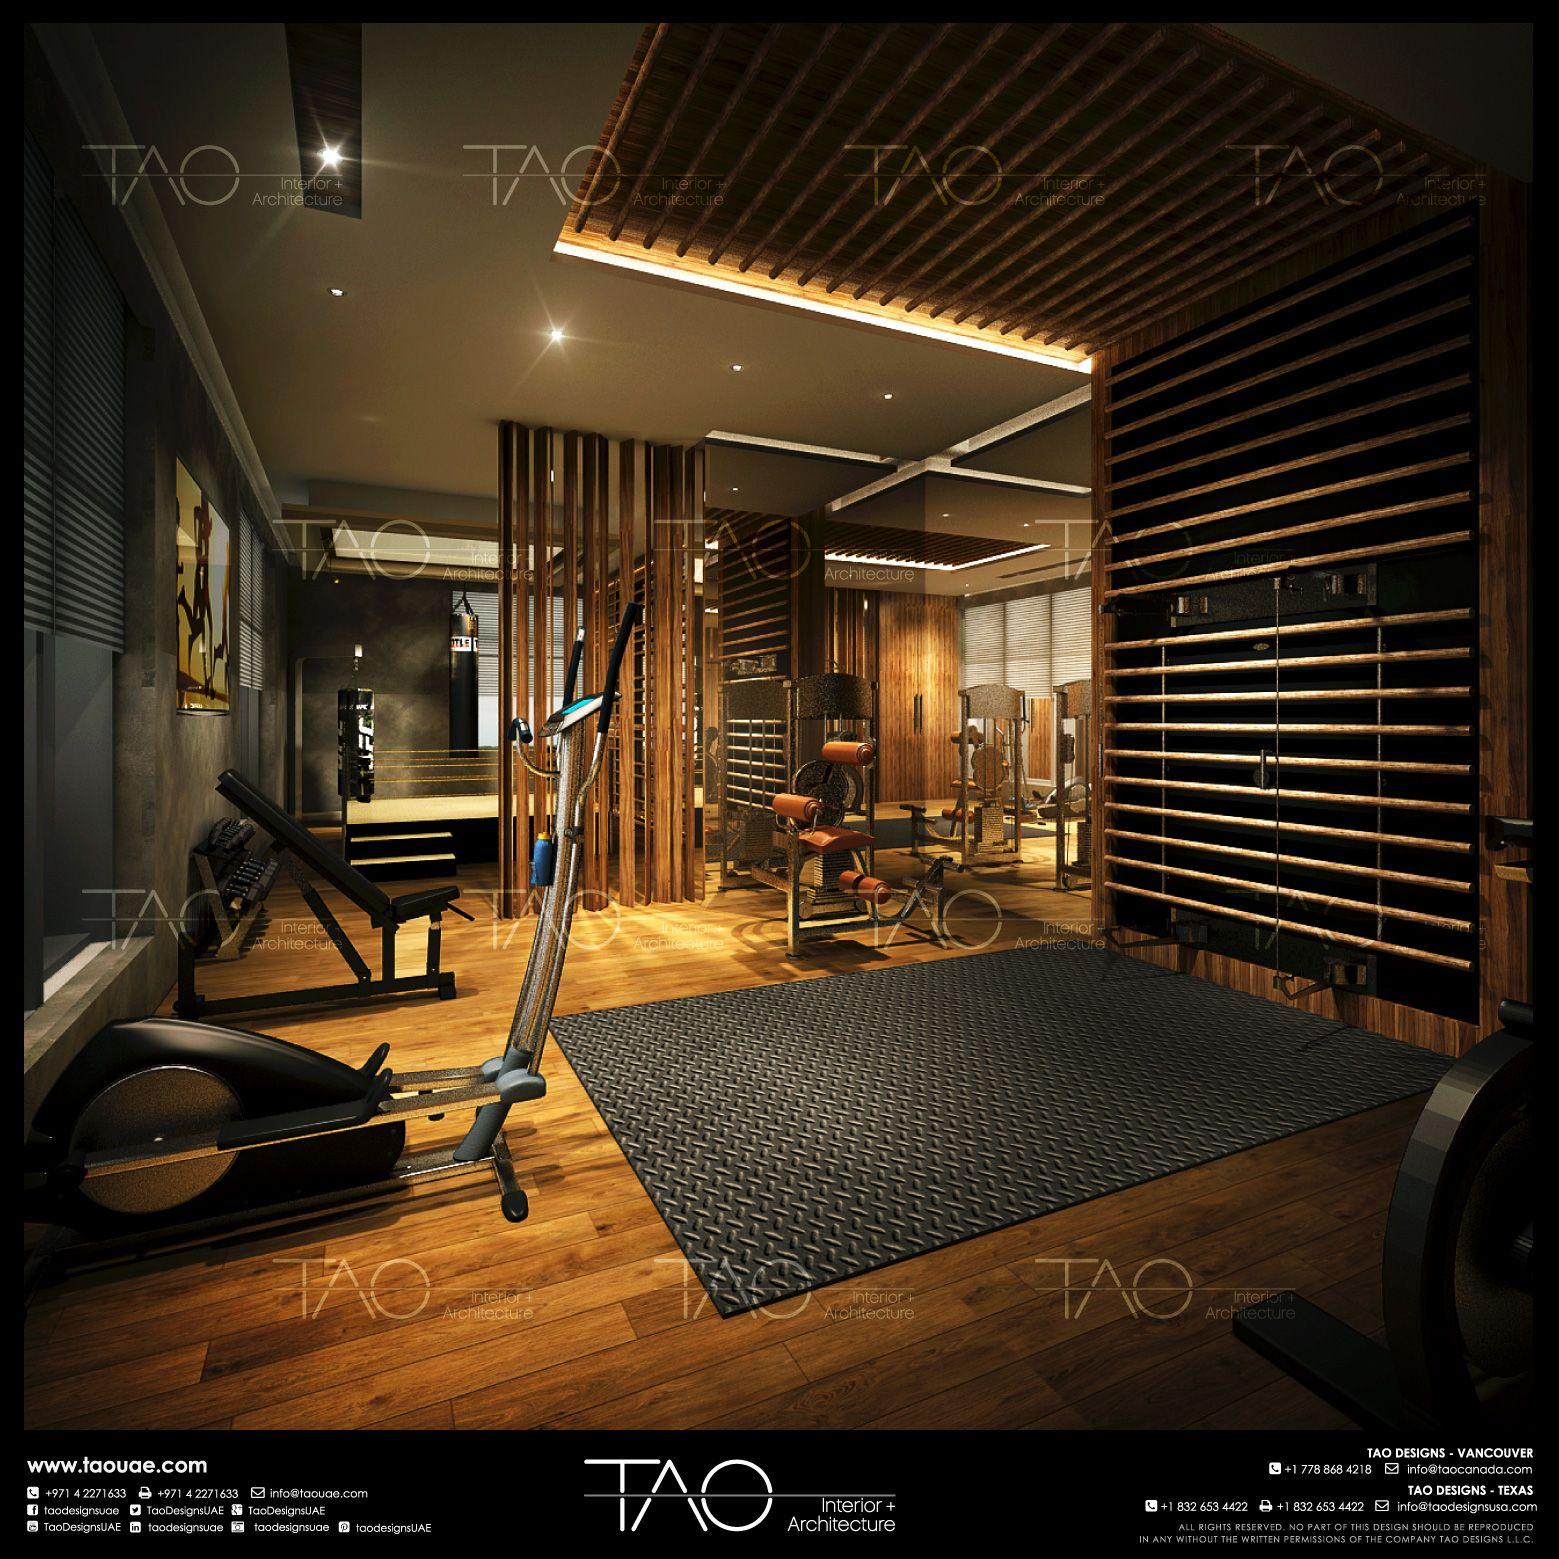 Luxury Home Gym Gym Design Interior Gym Decor Home Gym Decor